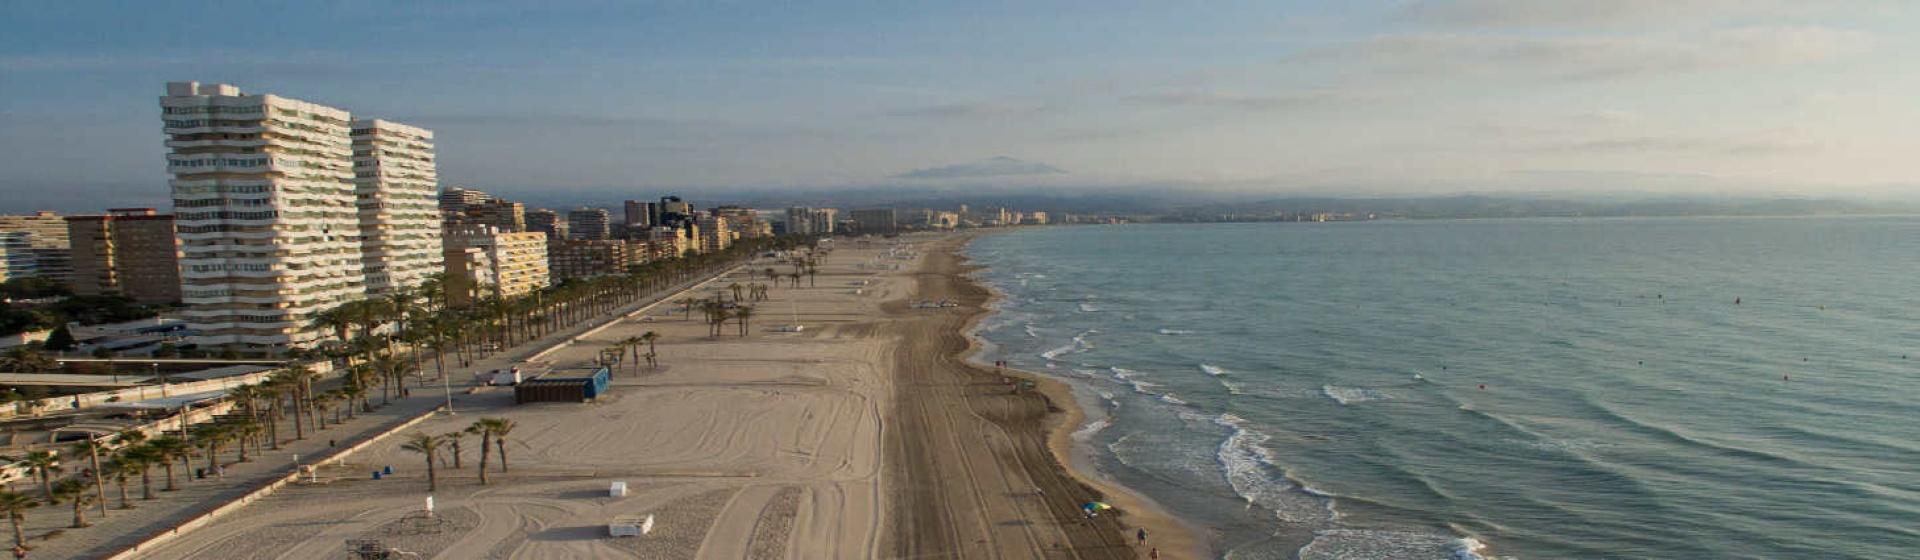 Seacolors pisos en playa de san juan con vistas al mar for Pisos en san juan de alicante